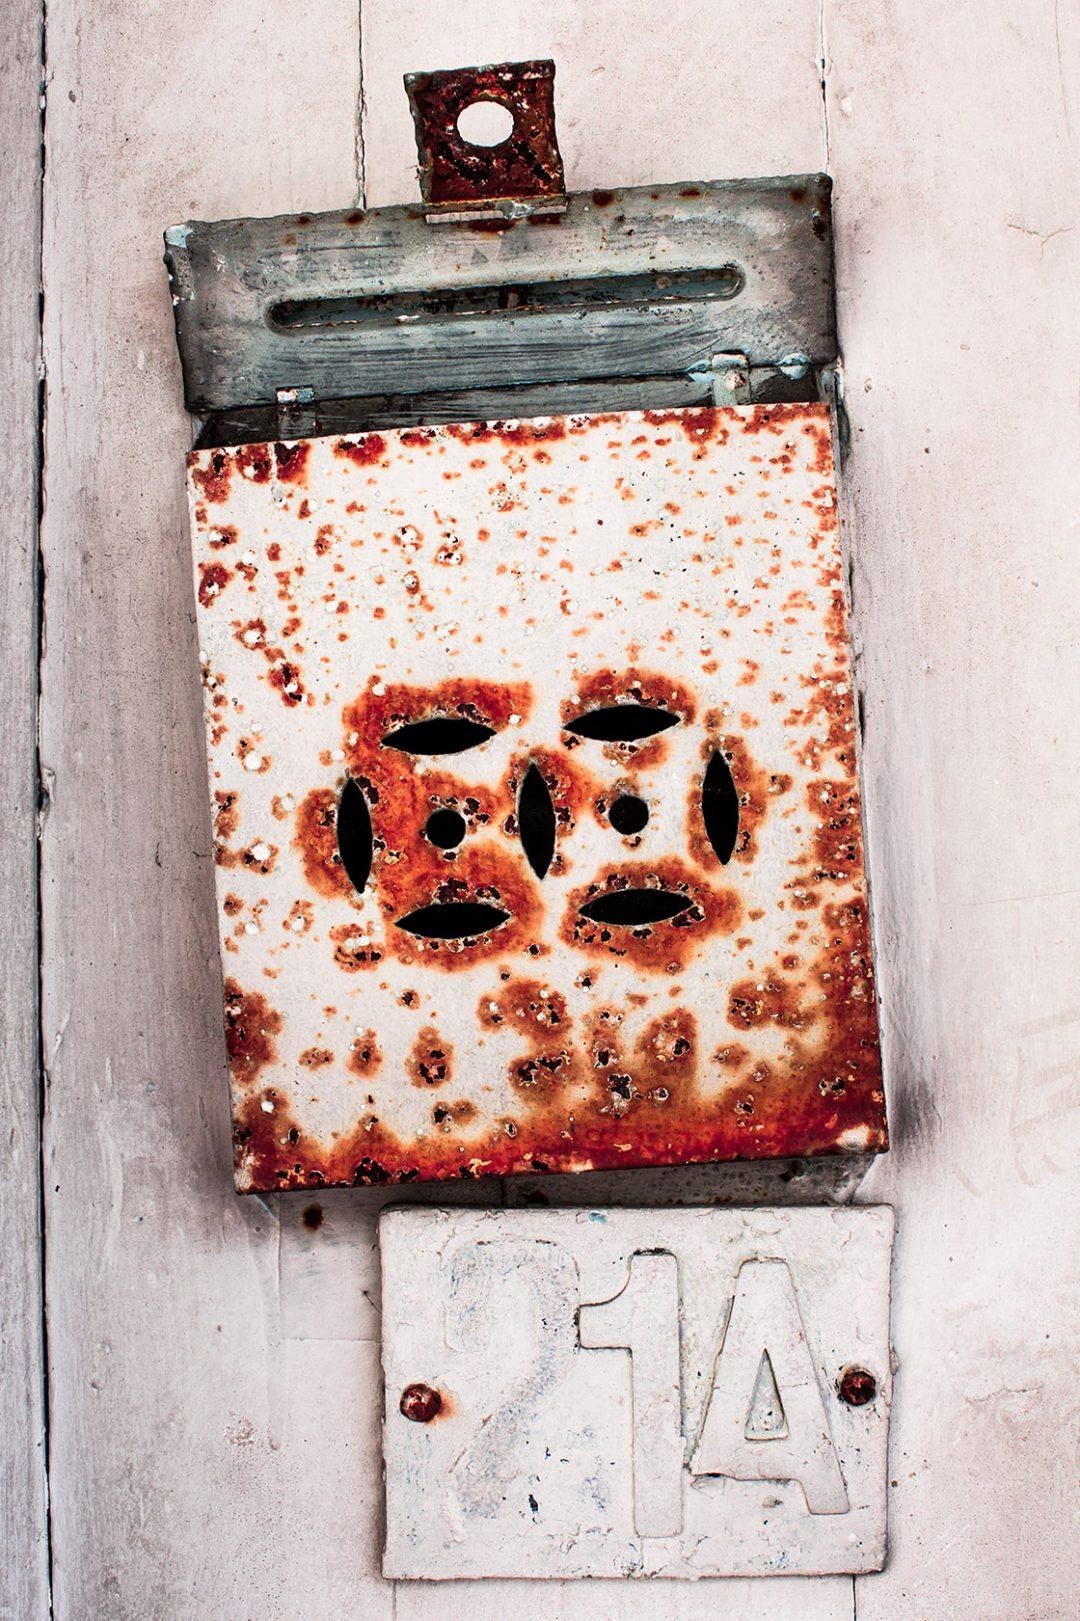 21-Chuen Yuen Road West - David Elliott